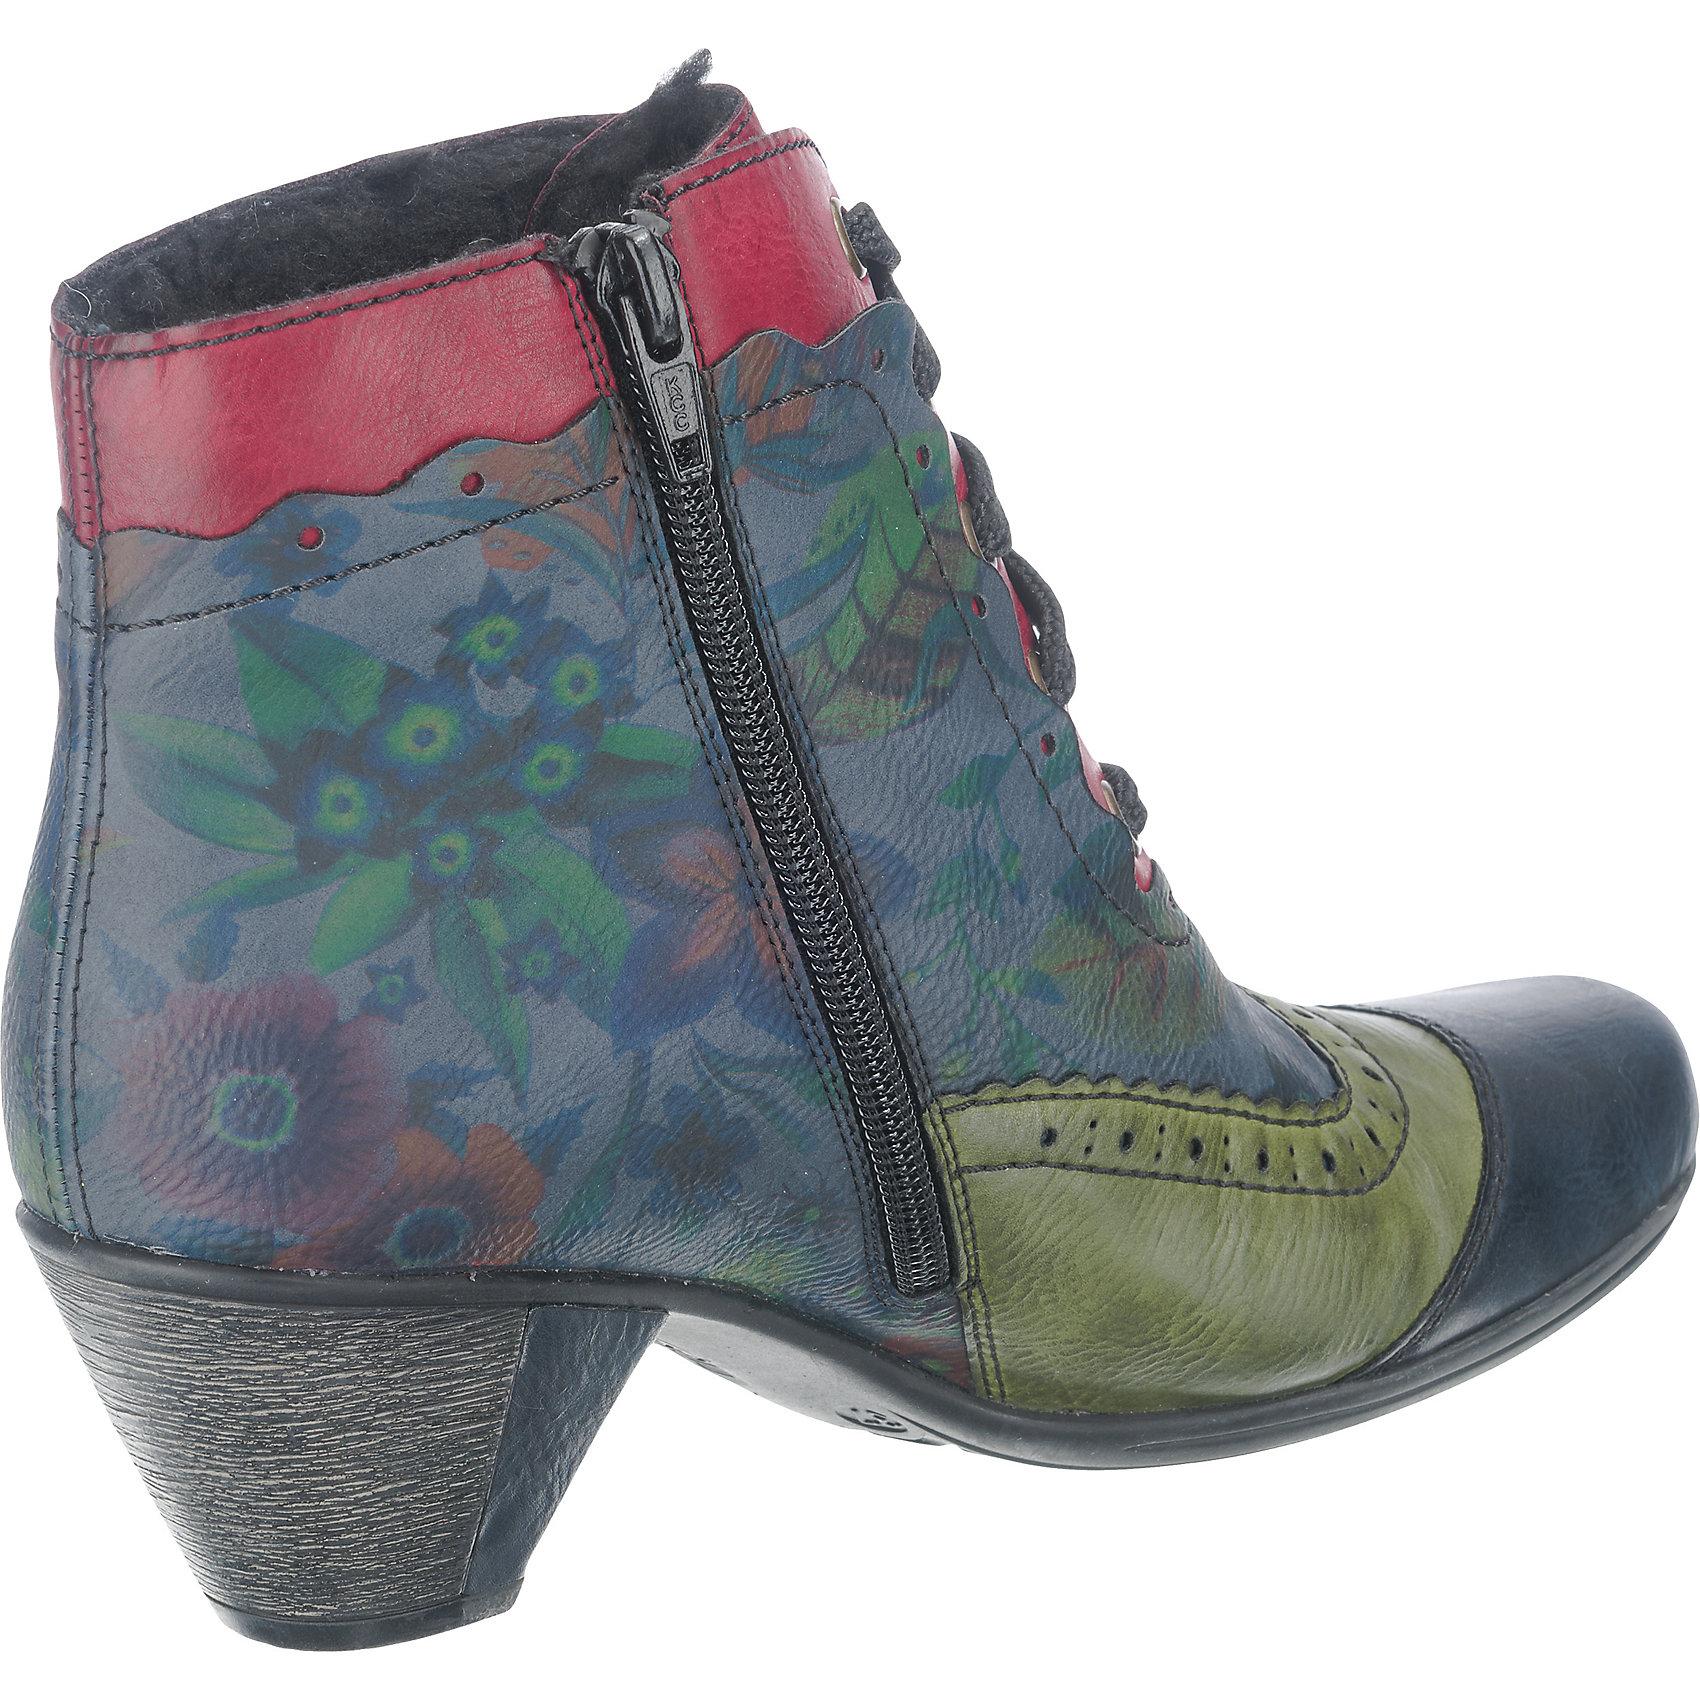 Neu für rieker Stiefeletten 6995715 für Neu Damen mehrfarbig f71d3f